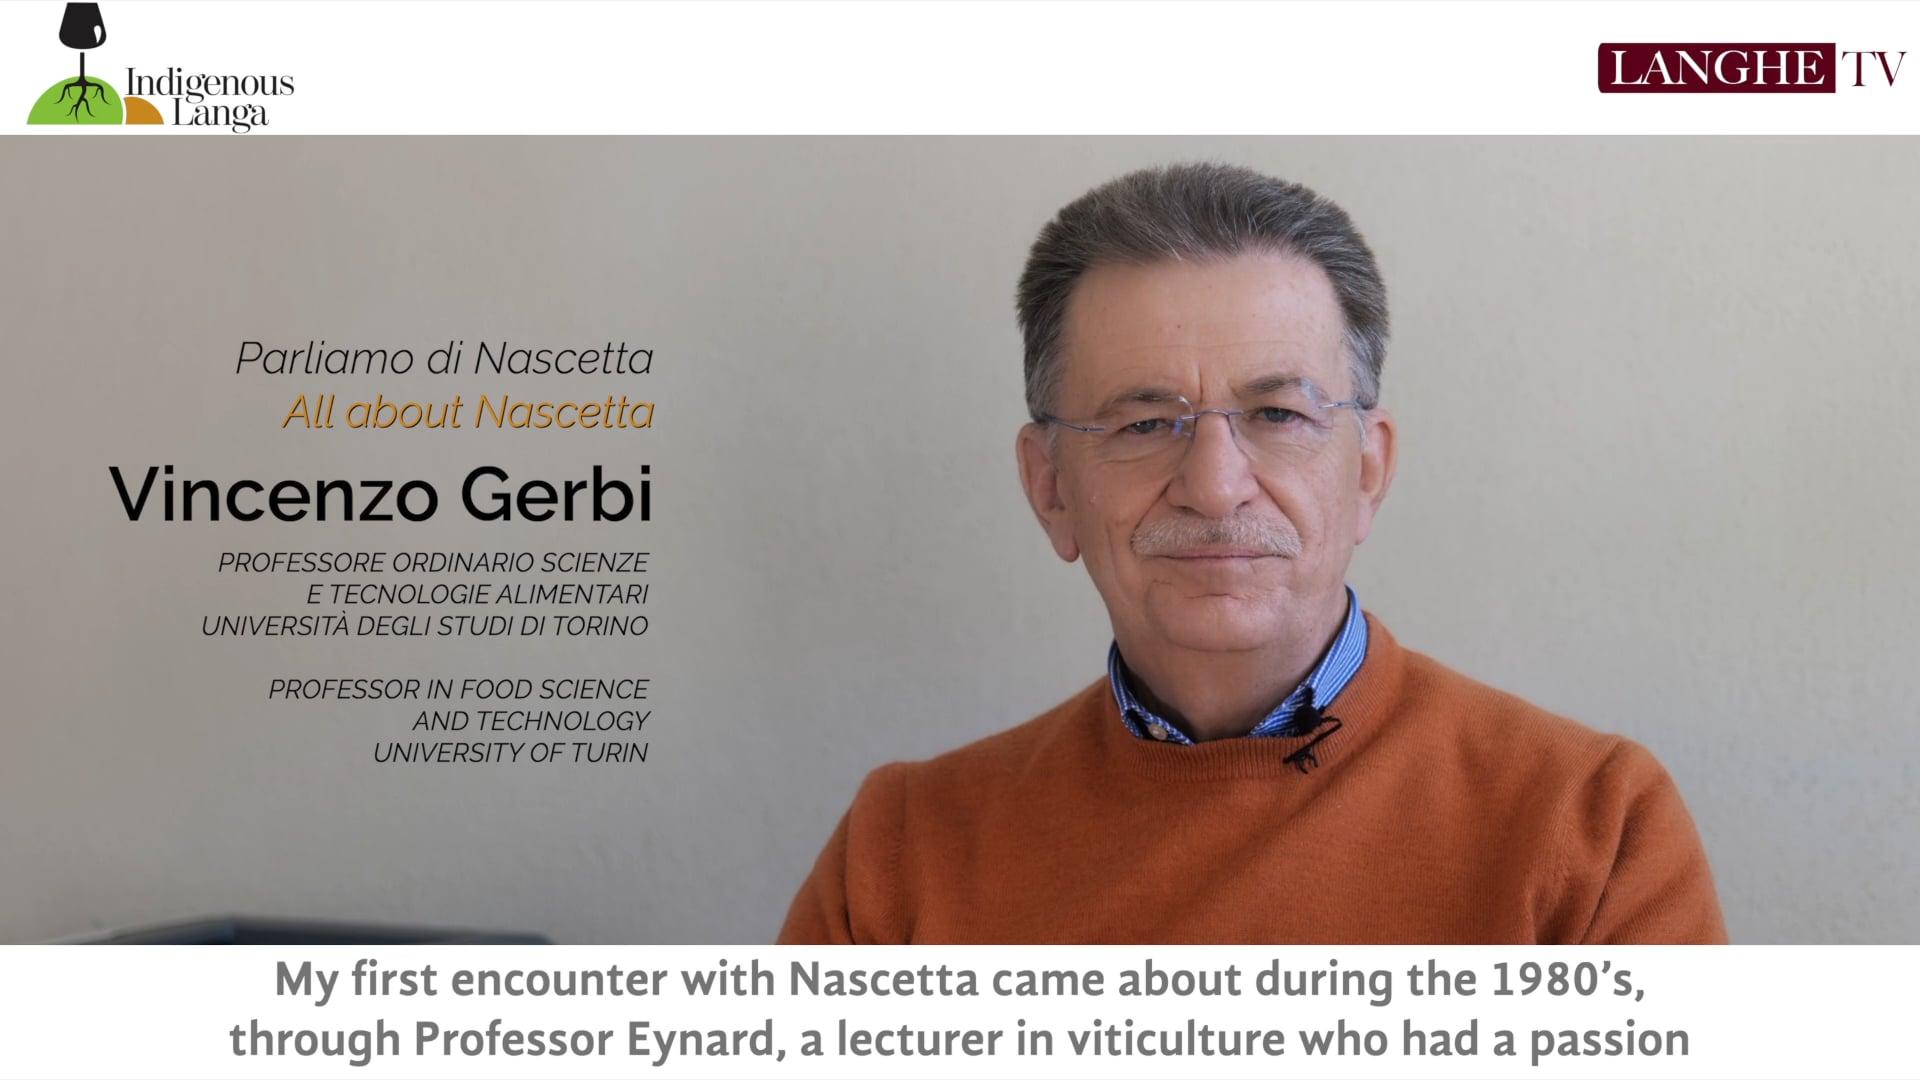 Parliamo di Nascetta con Vincenzo Gerbi | Let's Talk About Nascetta with Vincenzo Gerbi